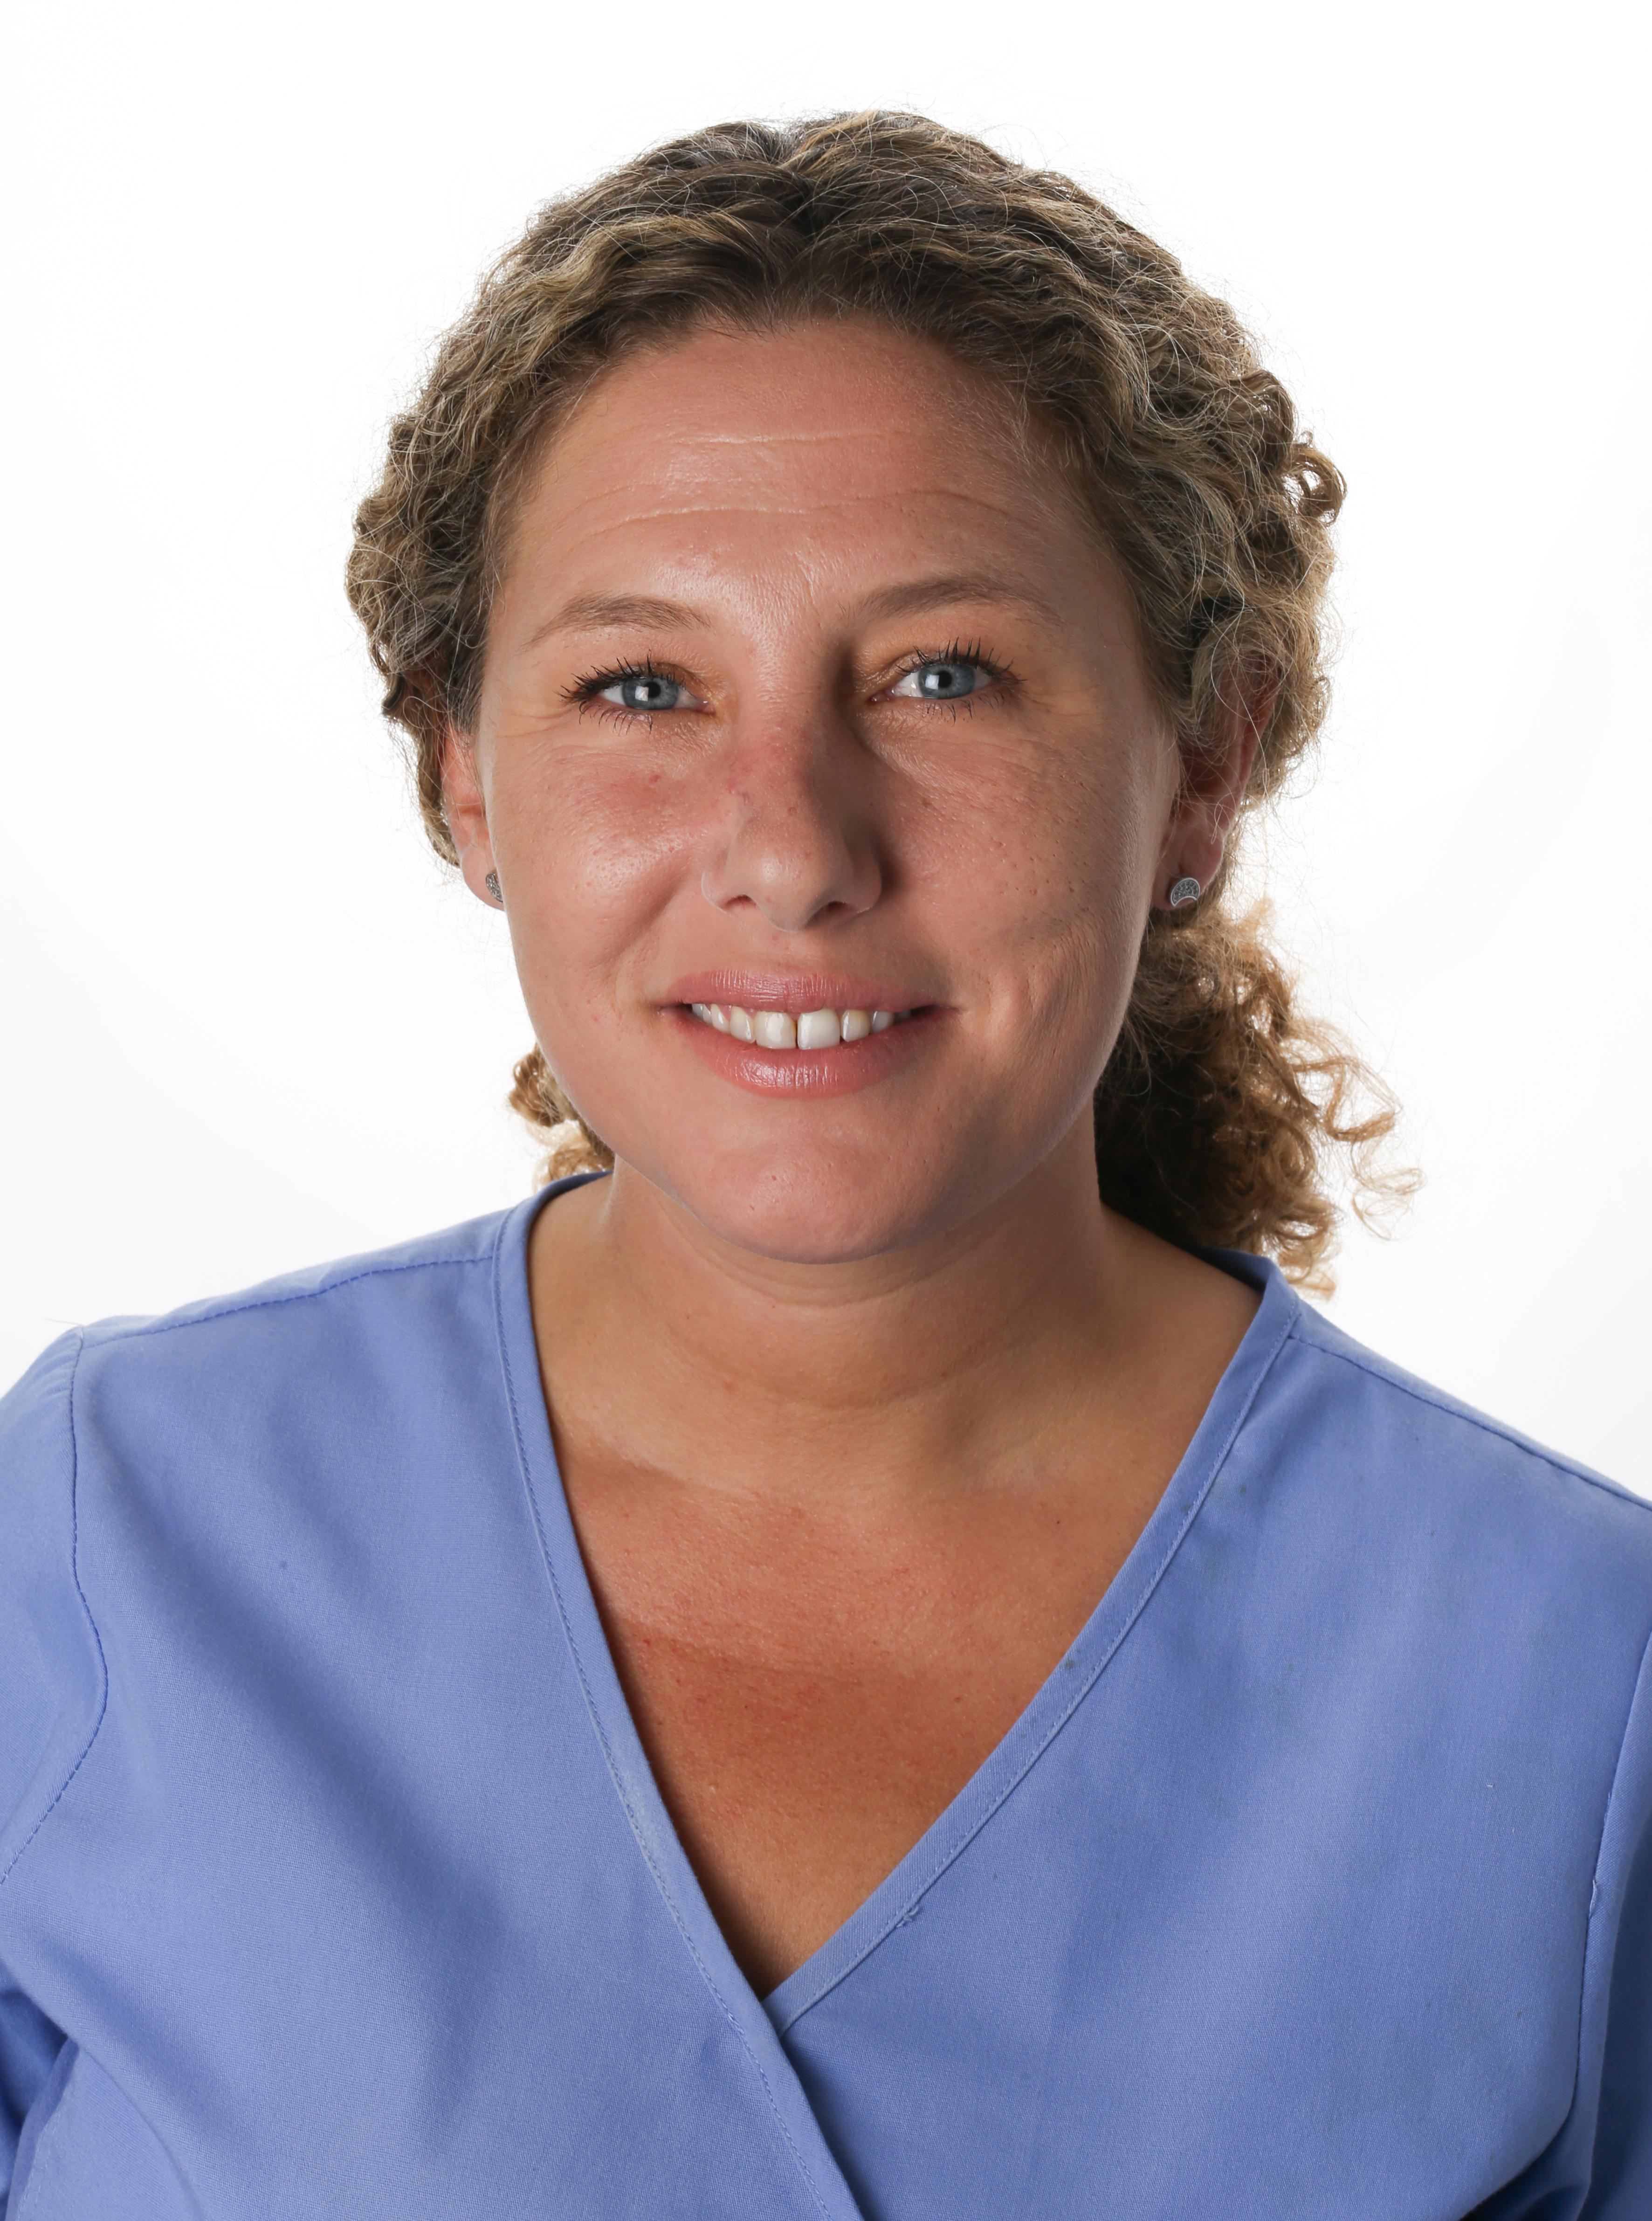 Dra. Berta Carlevaris